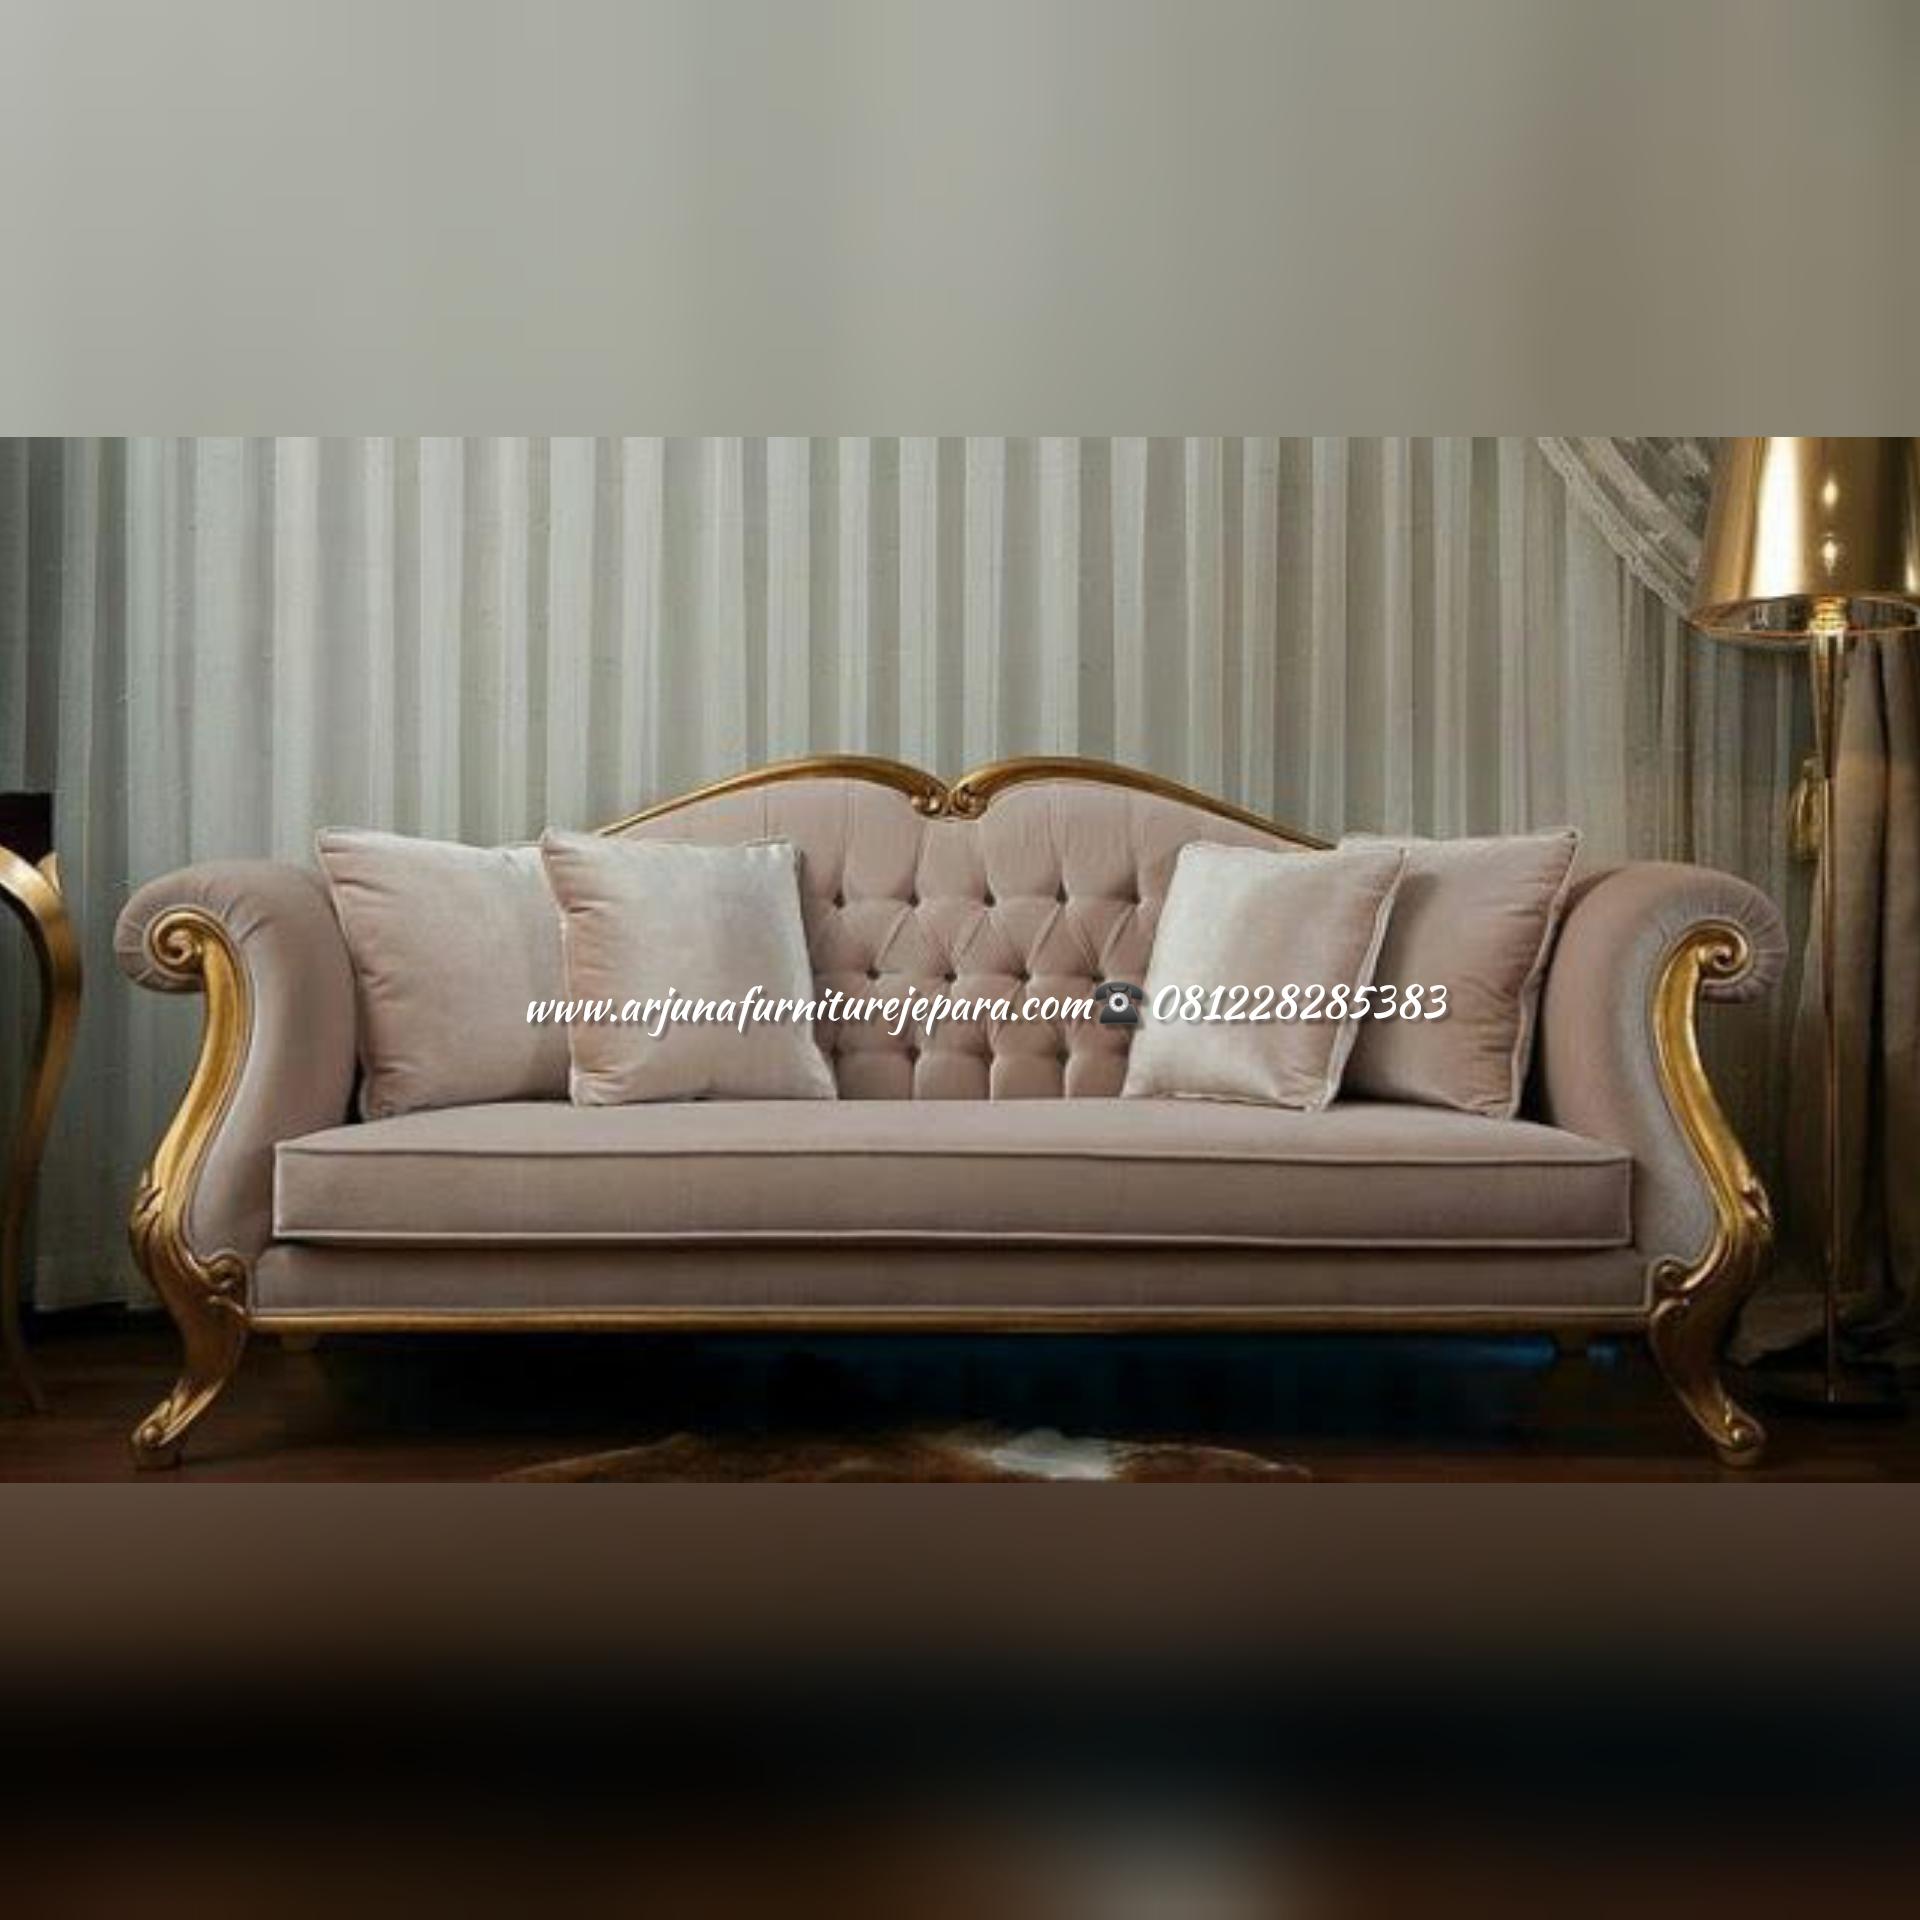 Sofa Ruang Keluarga Model Classic